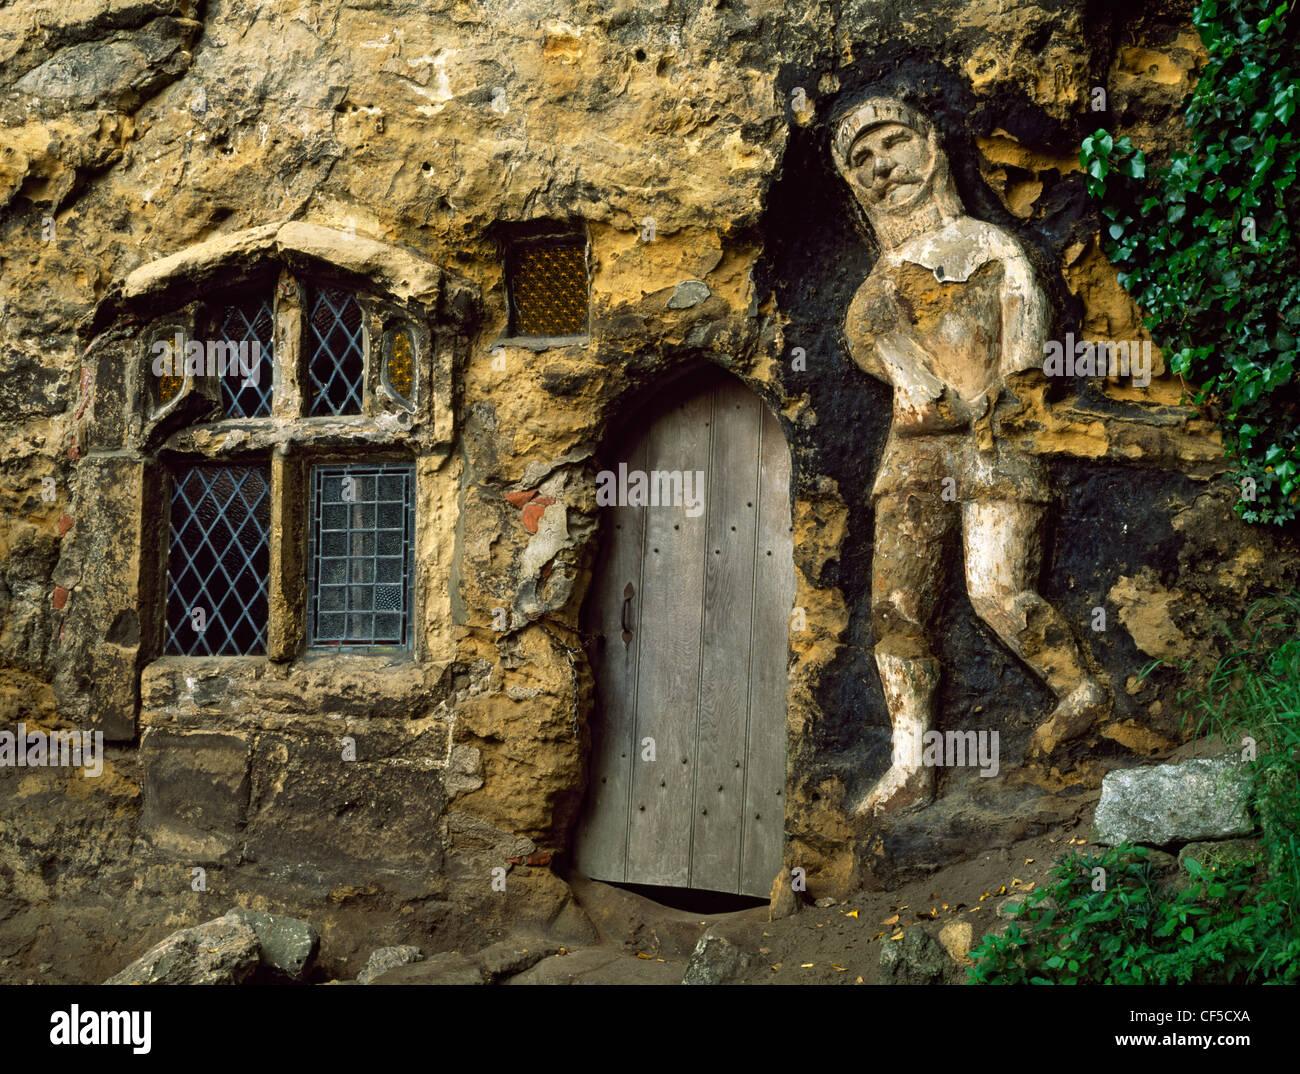 Bildstock Kapelle der Muttergottes von der Felswand wurde 1408 von John Mason gegründet. Die Tür zur Höhle Stockbild